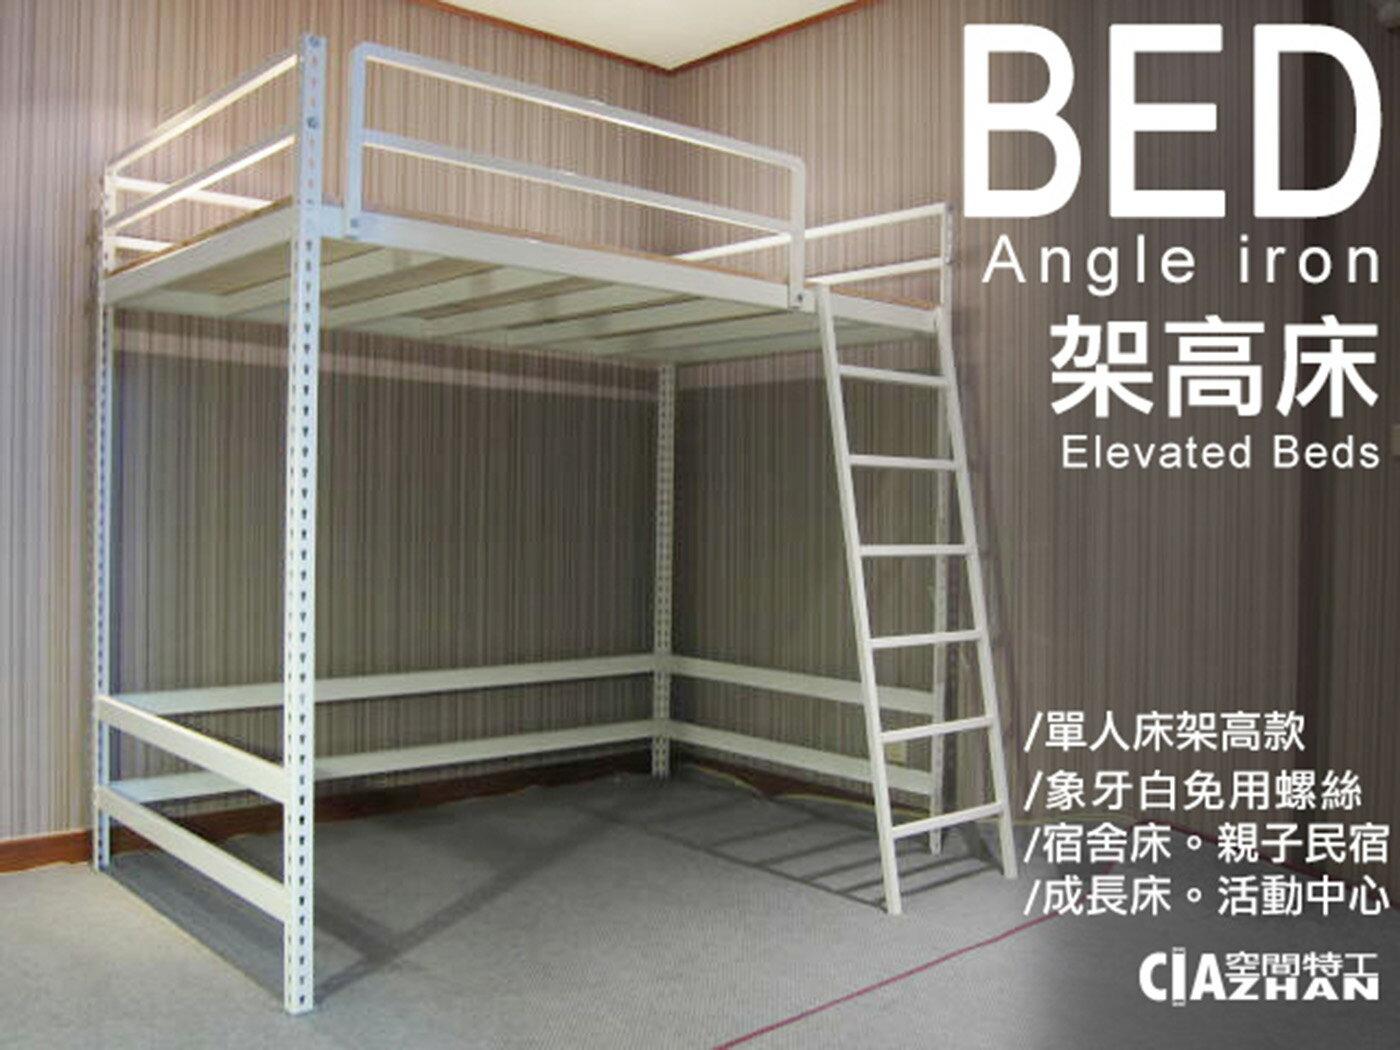 象牙白角鋼床架♞空間特工♞ 3尺架高單人床 床架/床台/床板 免螺絲角鋼床 - 限時優惠好康折扣